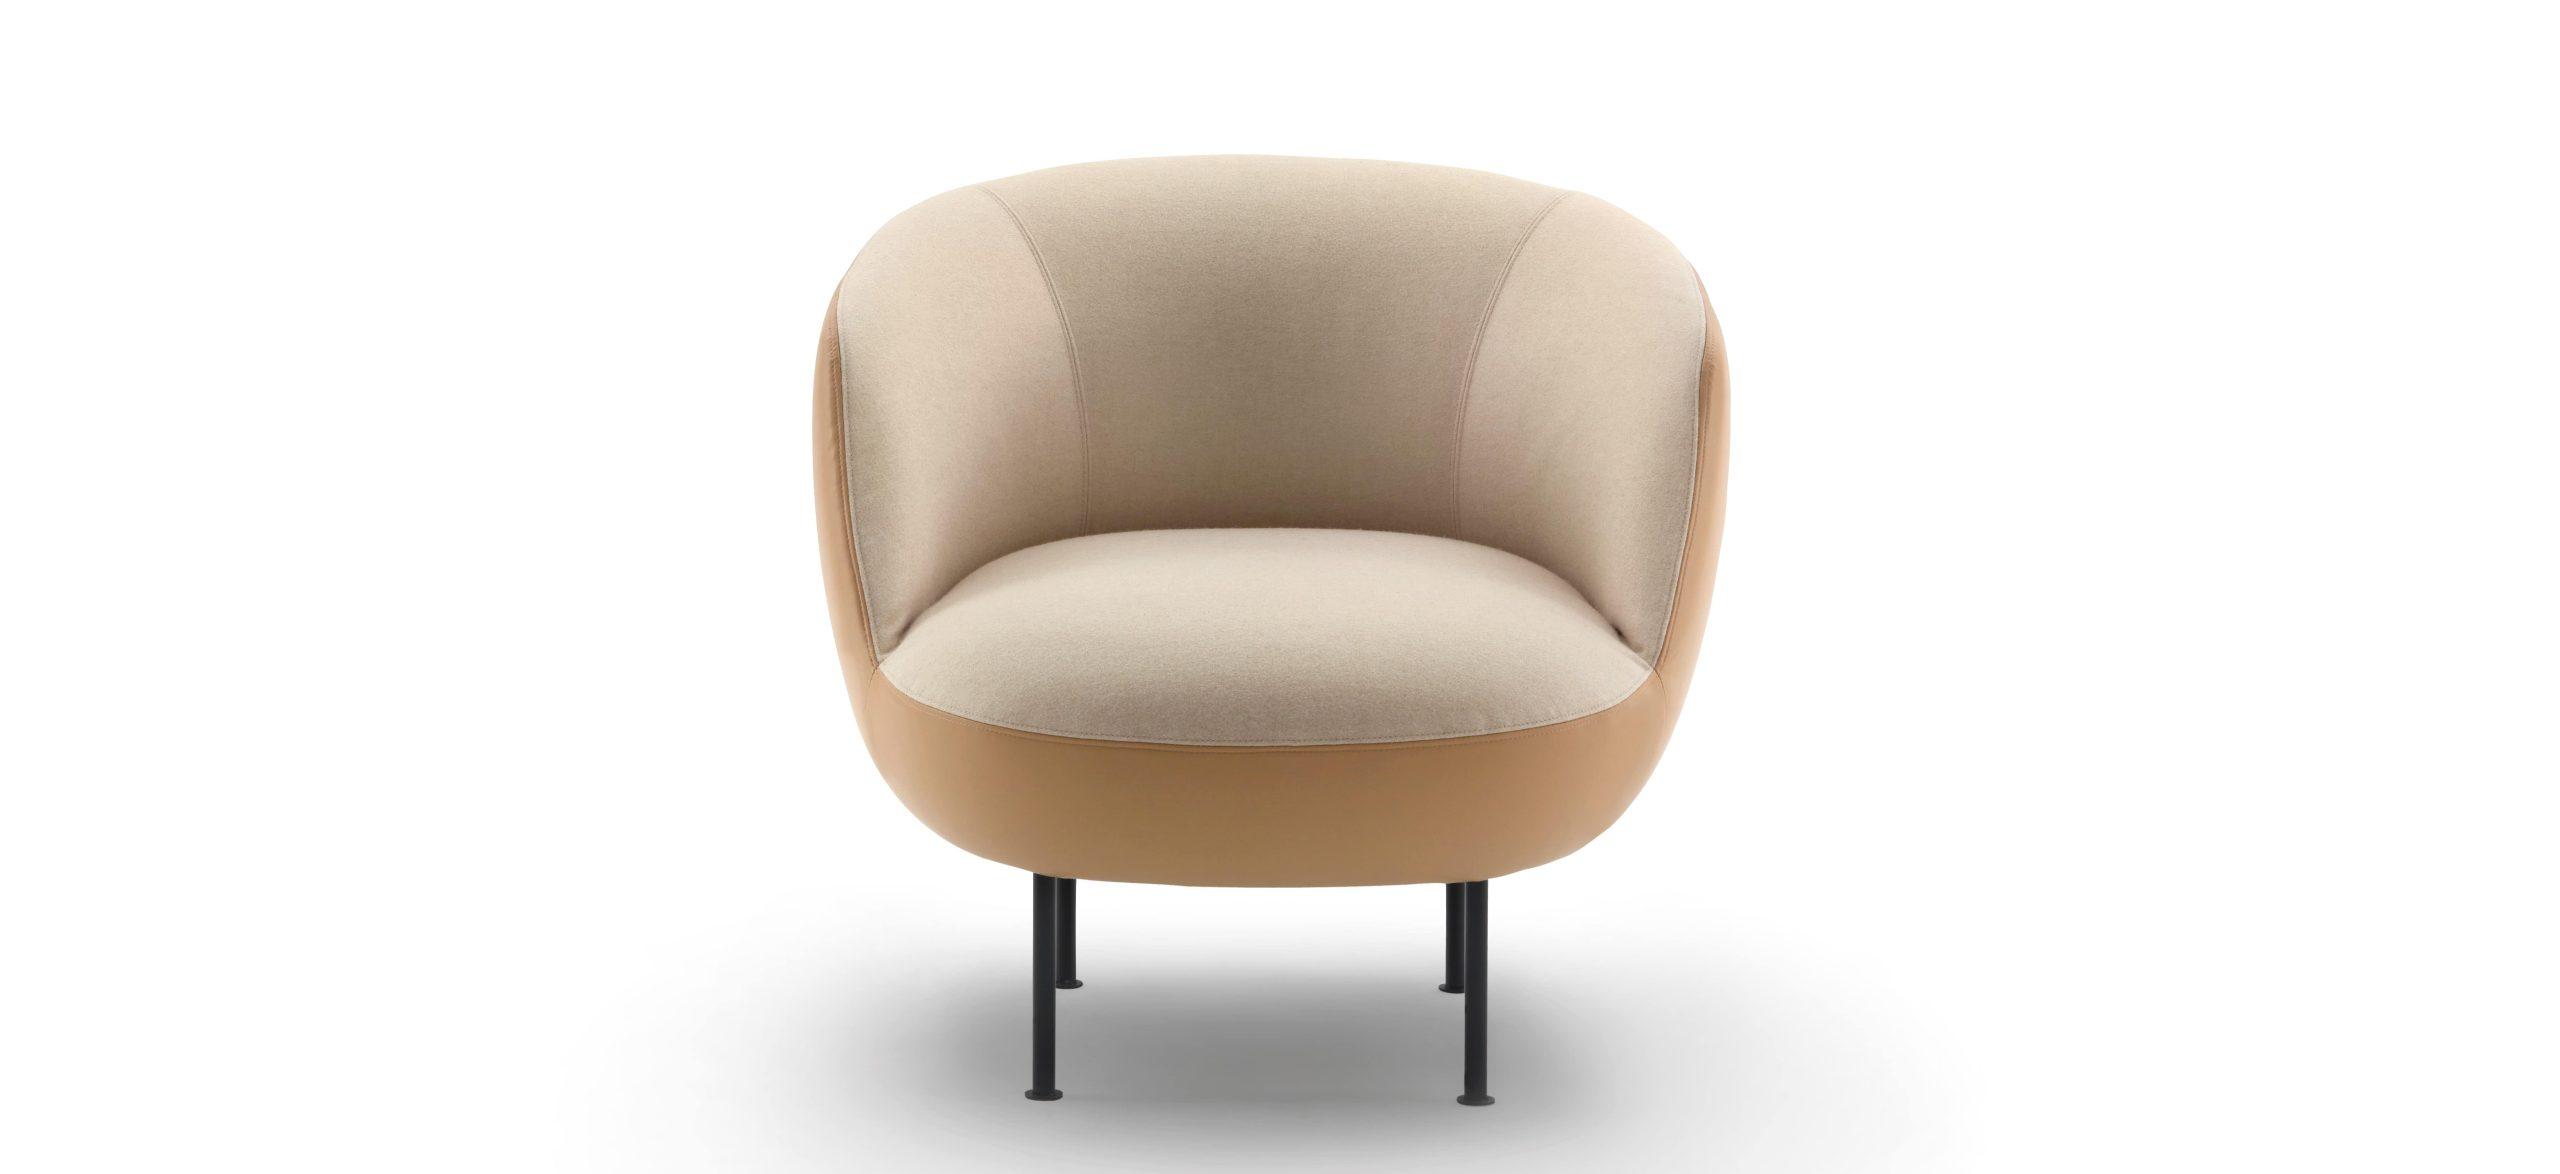 arflex- Supplì design Luca Nichetto